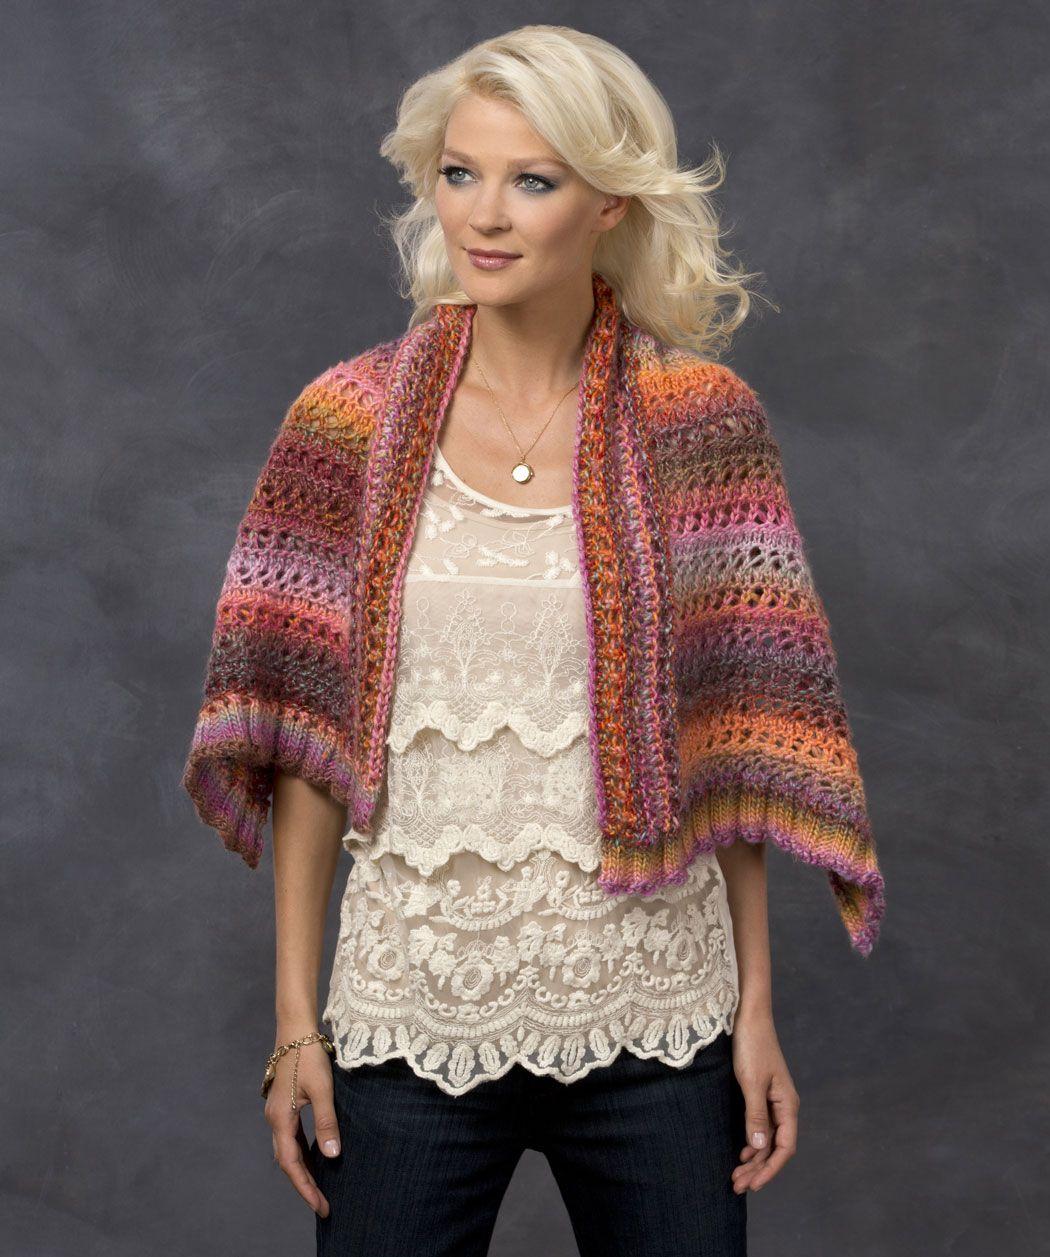 sunset wrap knitting pattern knit shawl wool amp fabric